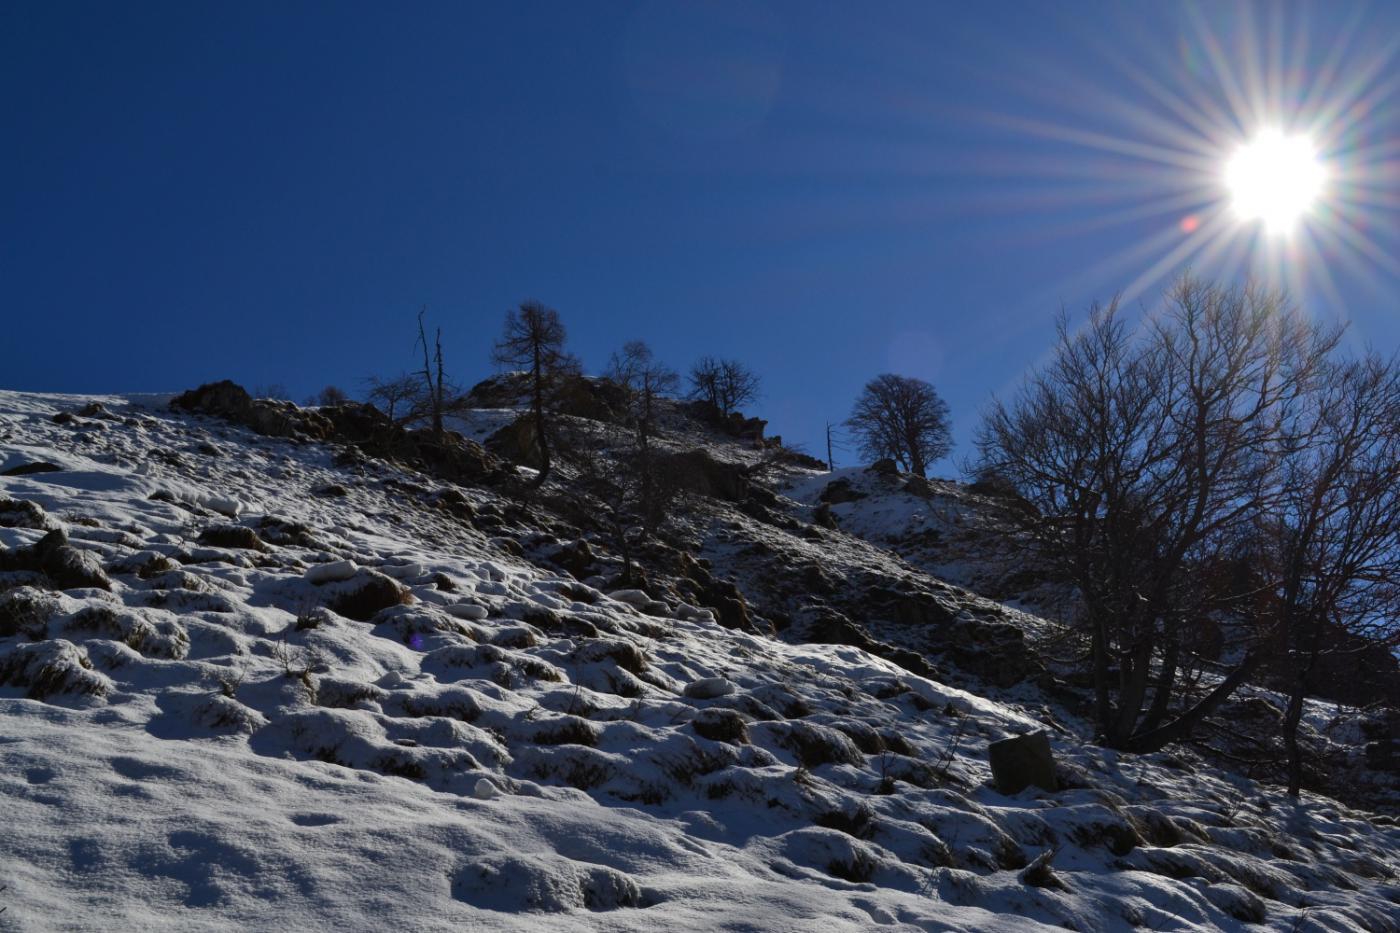 percorso sempre ripido su pochi cm di neve fresca